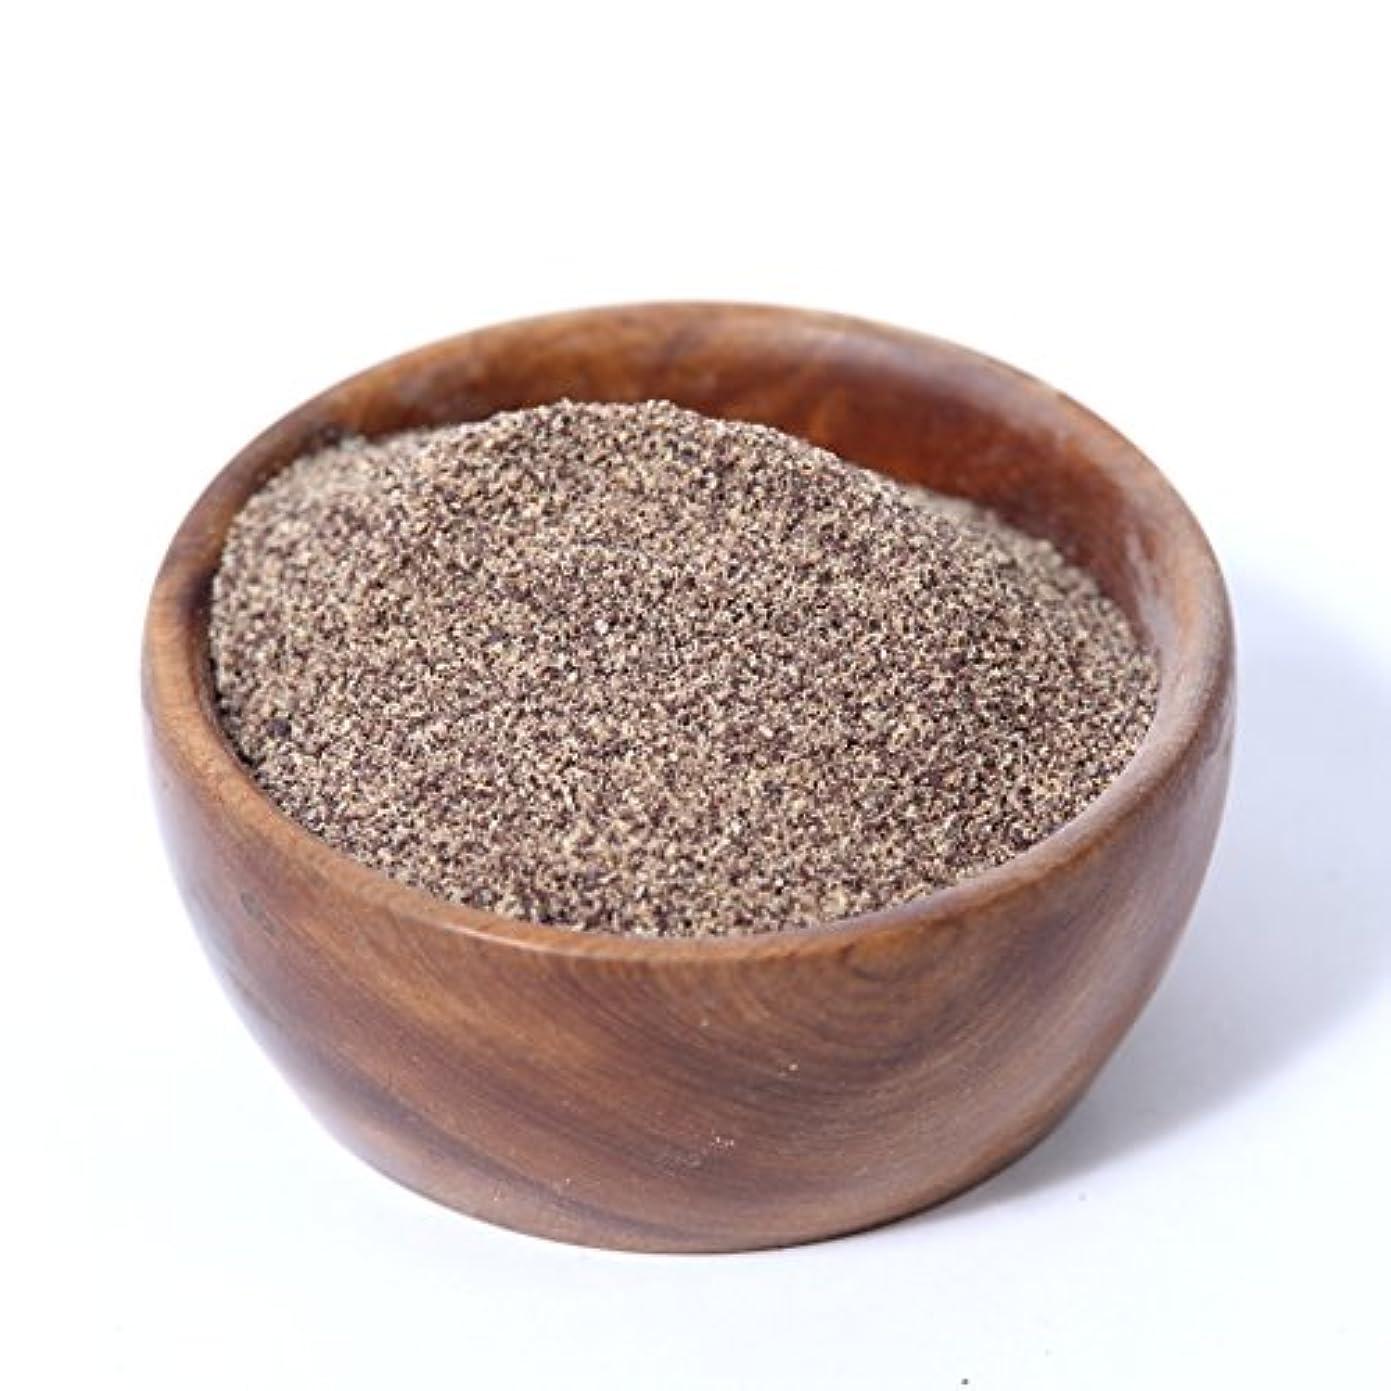 装置メイエラするJojoba Seeds For Face Exfoliant 500g